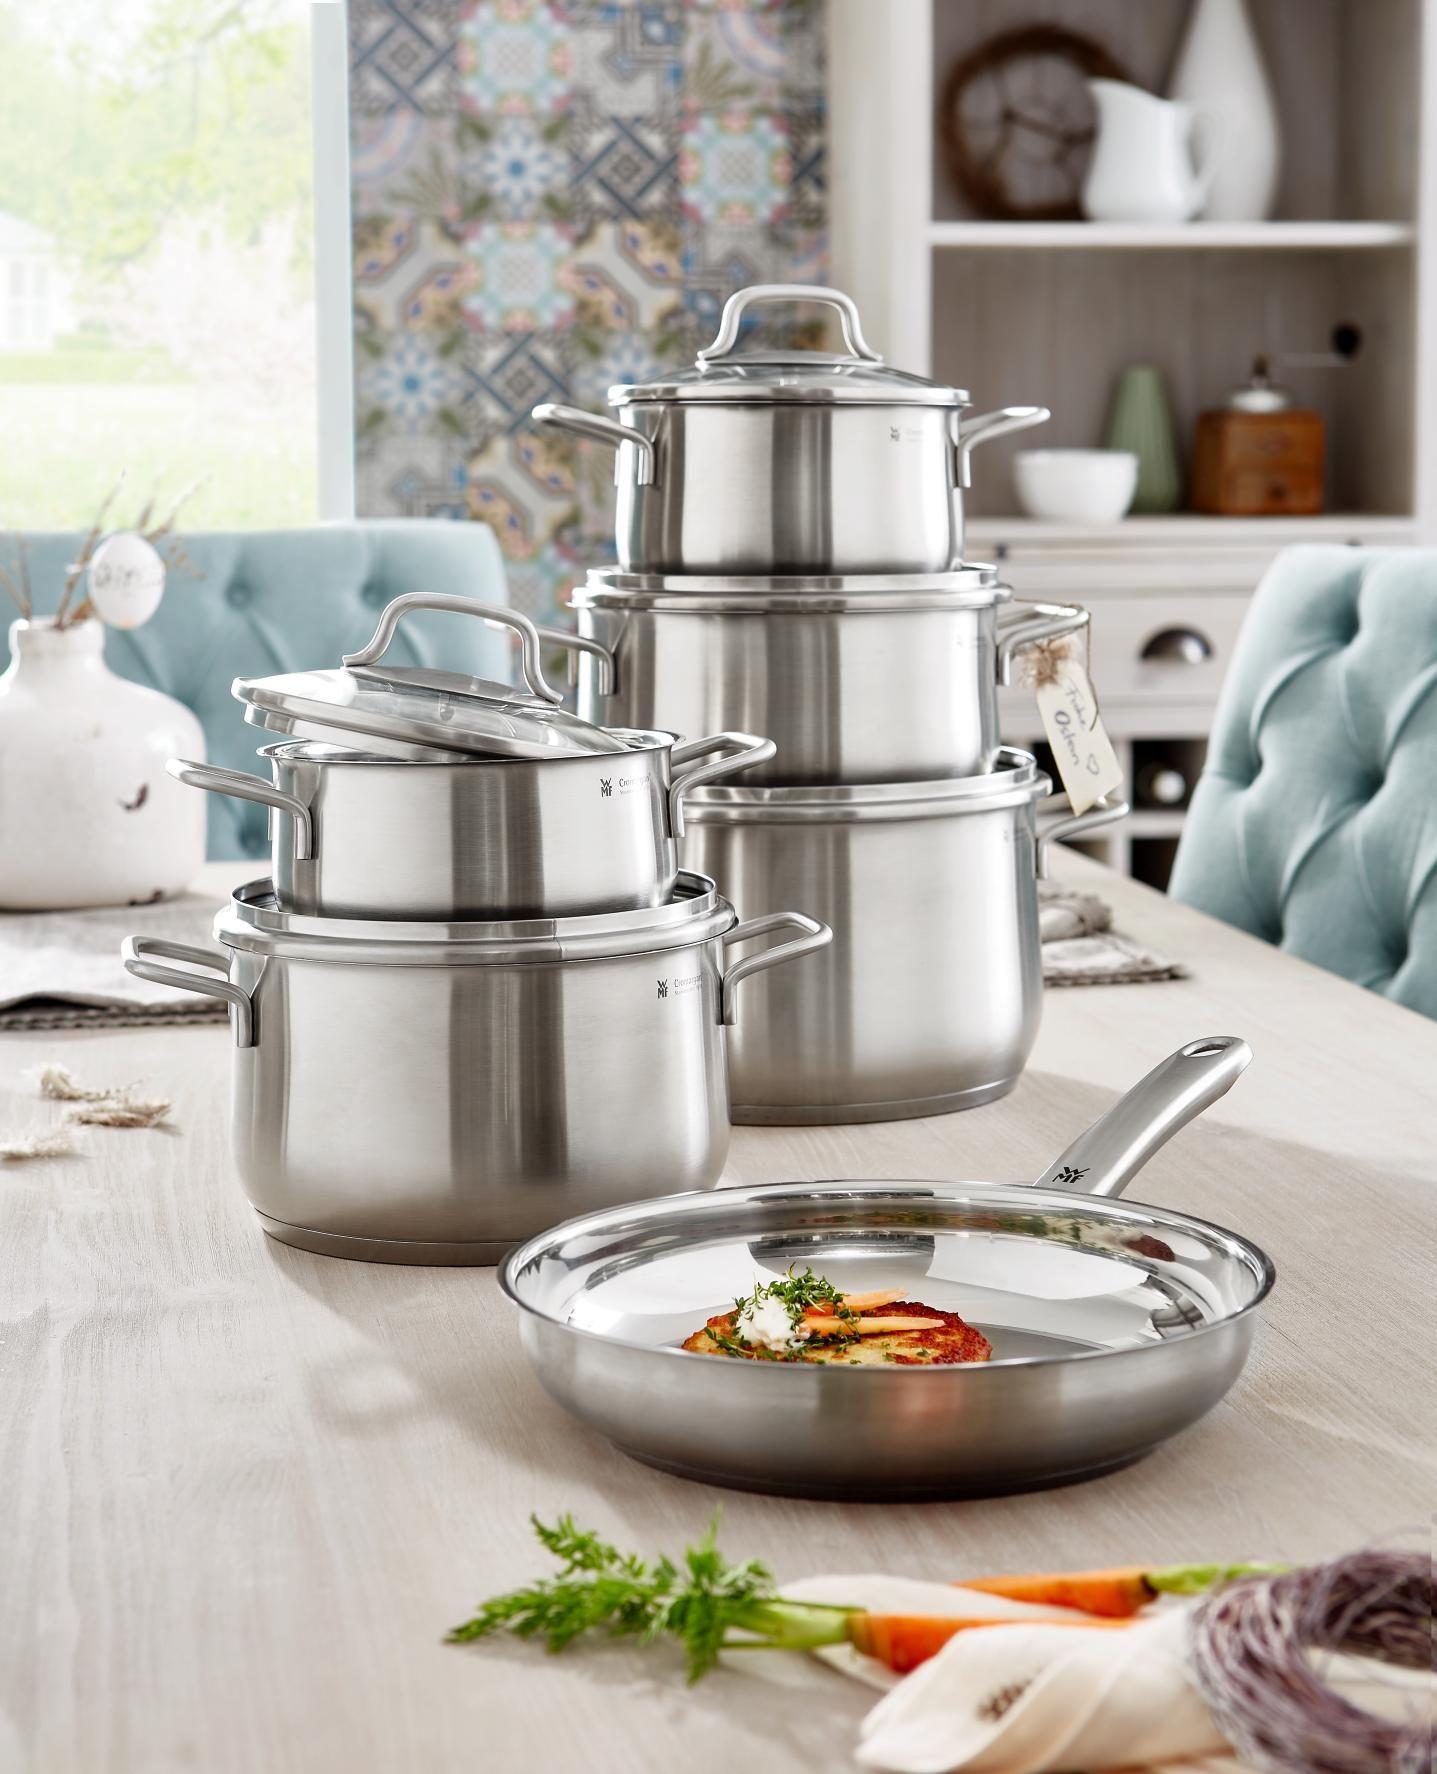 kochtopfset 6 teilig in 2019 kitchen stuff pinterest kitchenware kitchen und wmf. Black Bedroom Furniture Sets. Home Design Ideas